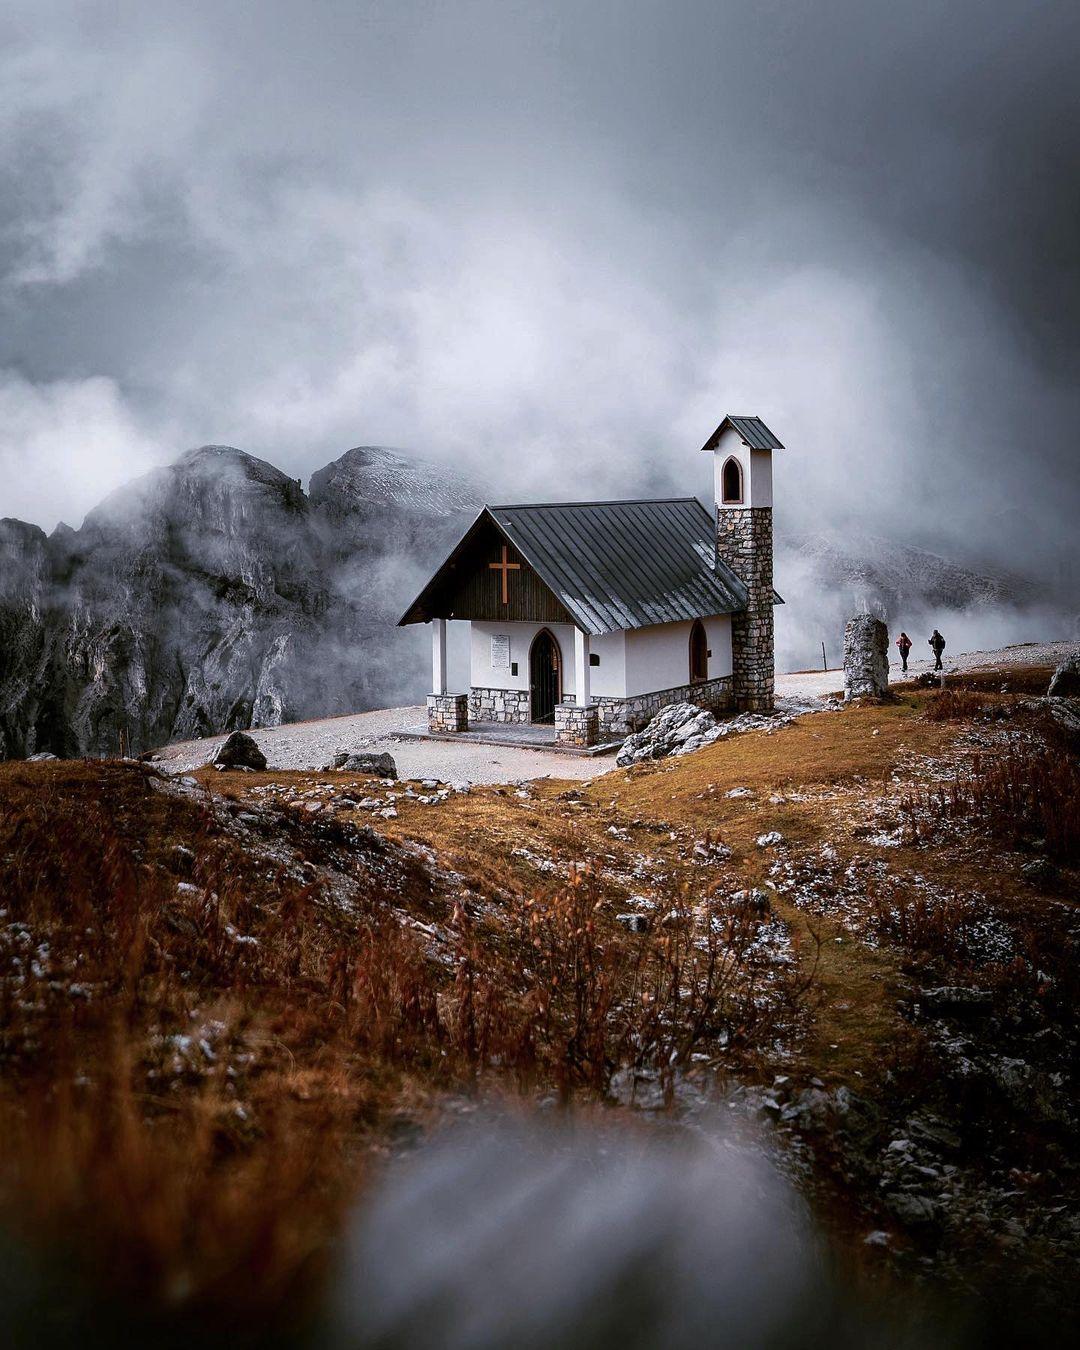 Захватывающие фото из путешествий Мэнди Розенфельд